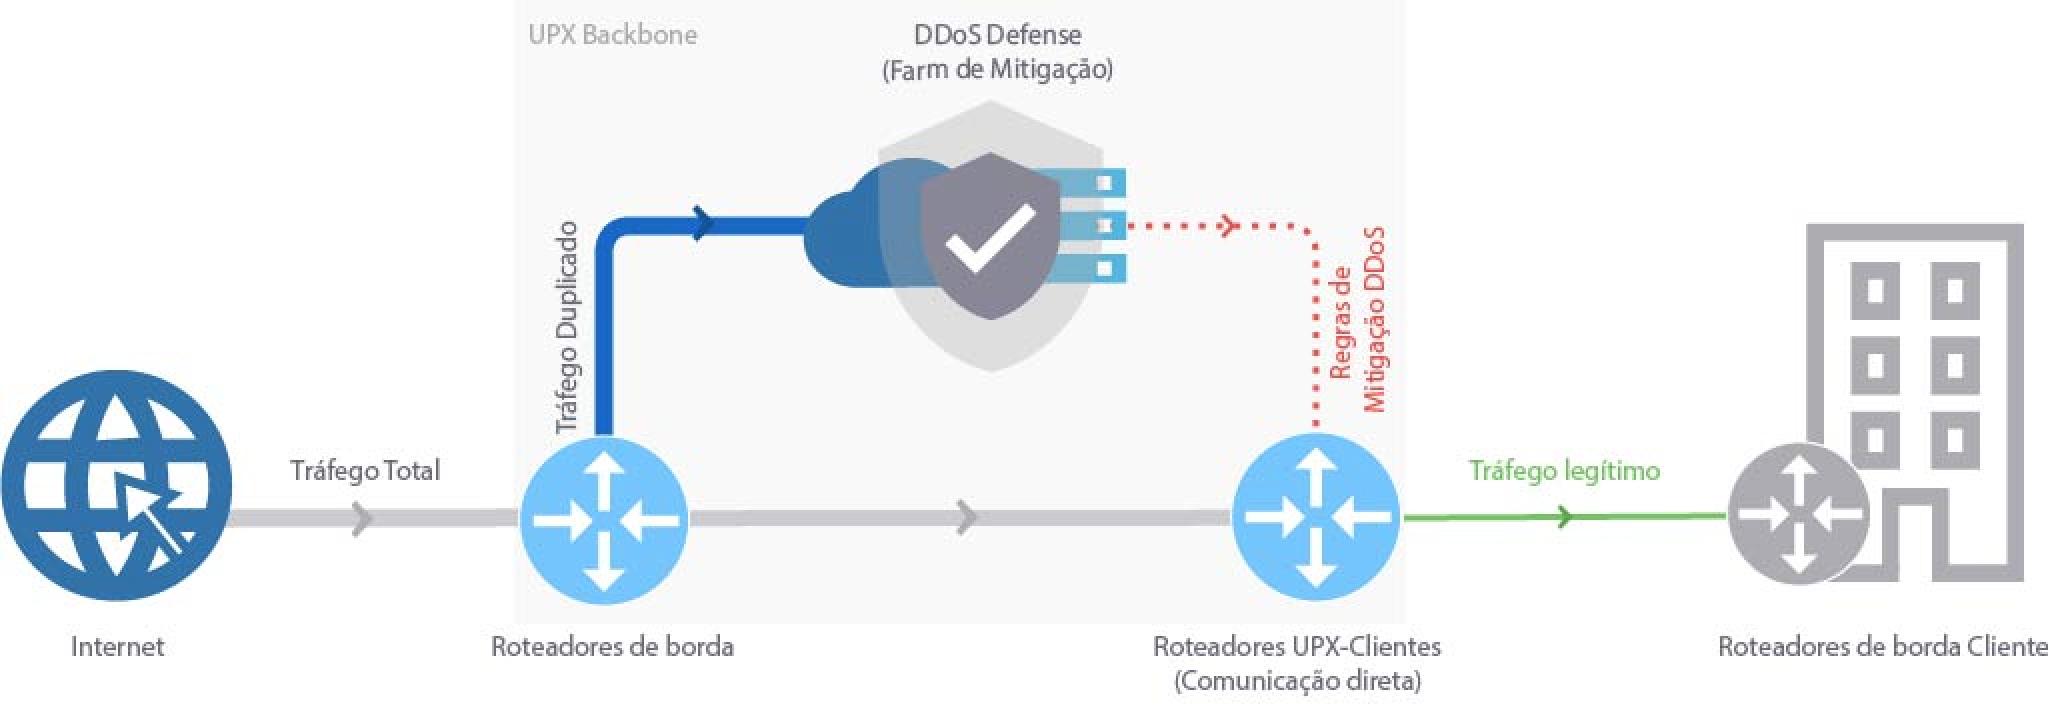 Mitigação DDoS